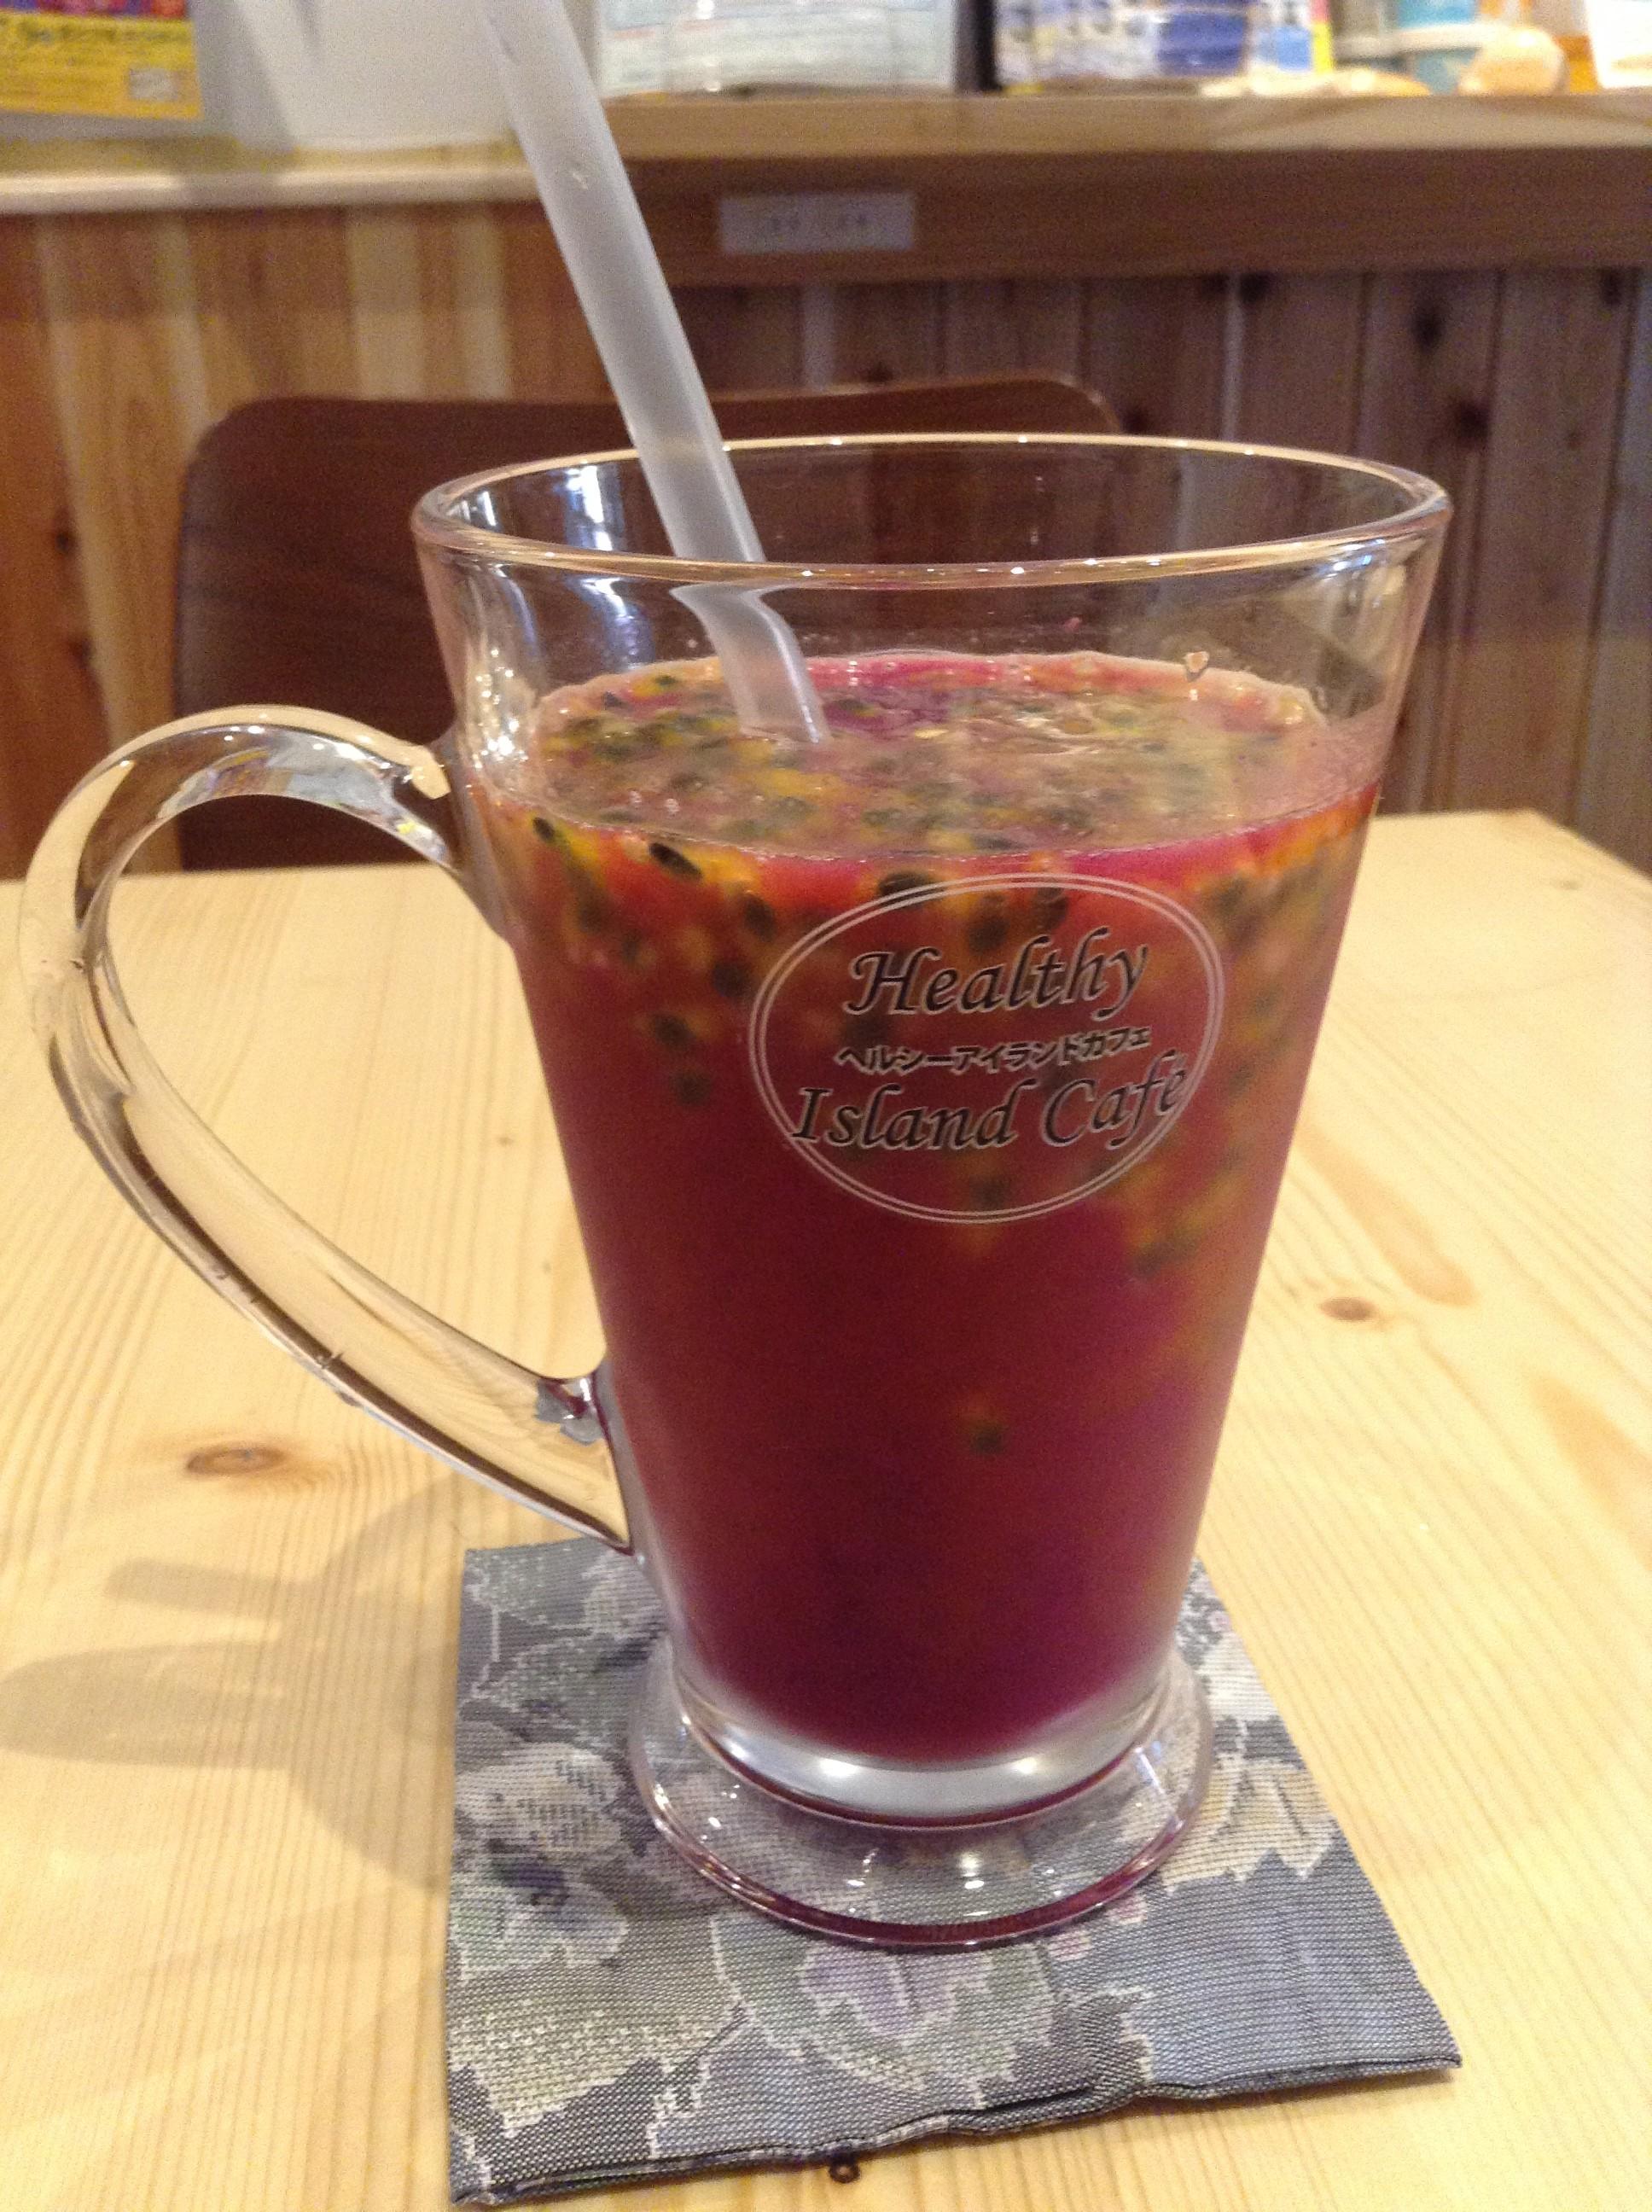 【離島料理】奄美産フルーツのスムージー♪ヘルシーアイランドカフェ恵比寿